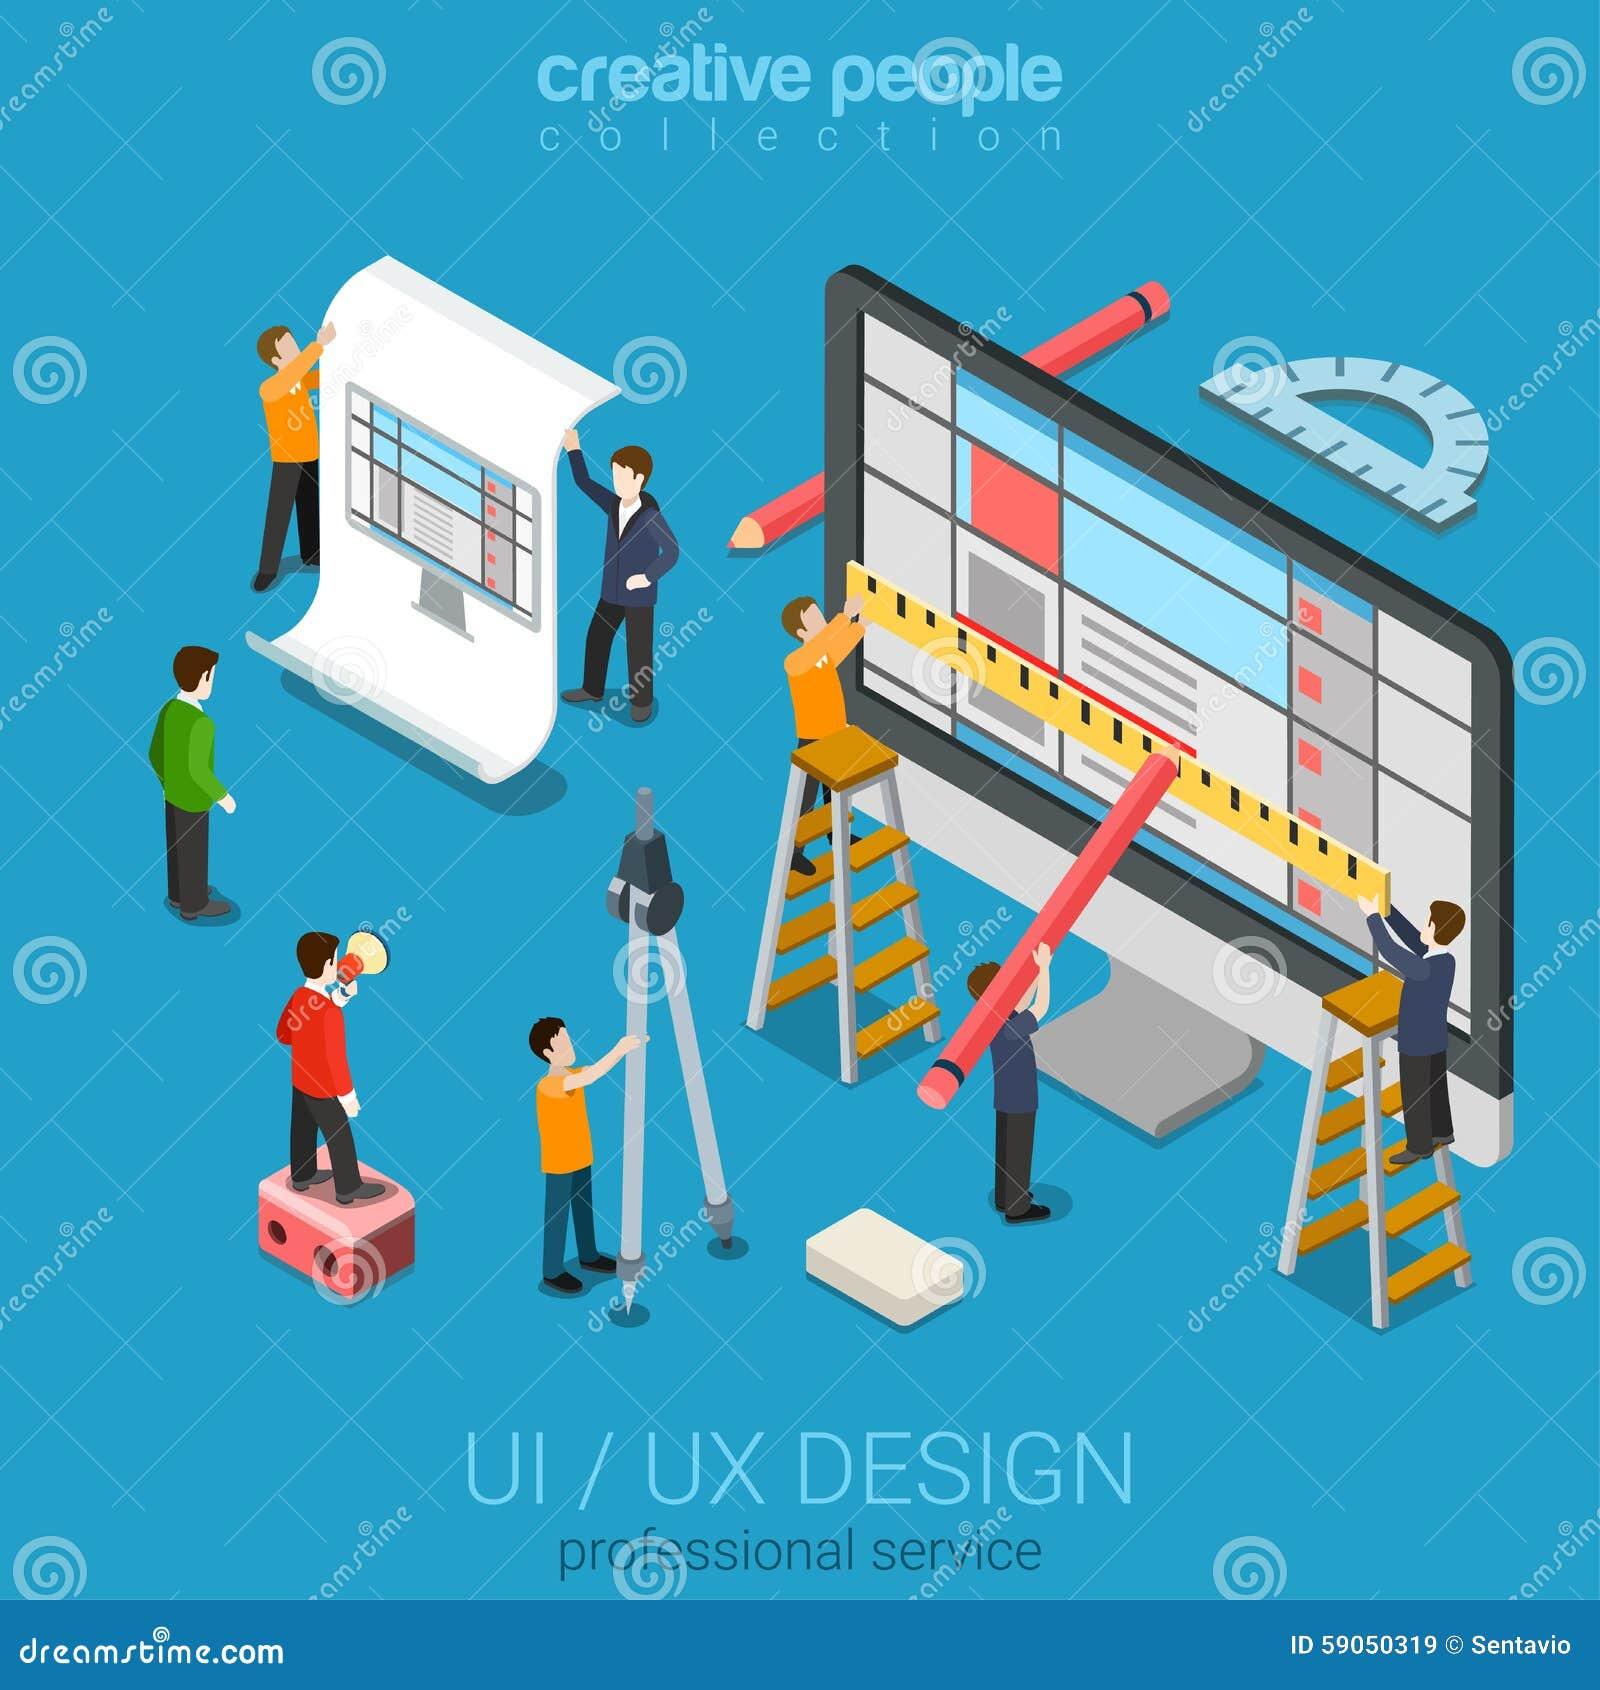 Best User Interface Design Blogs